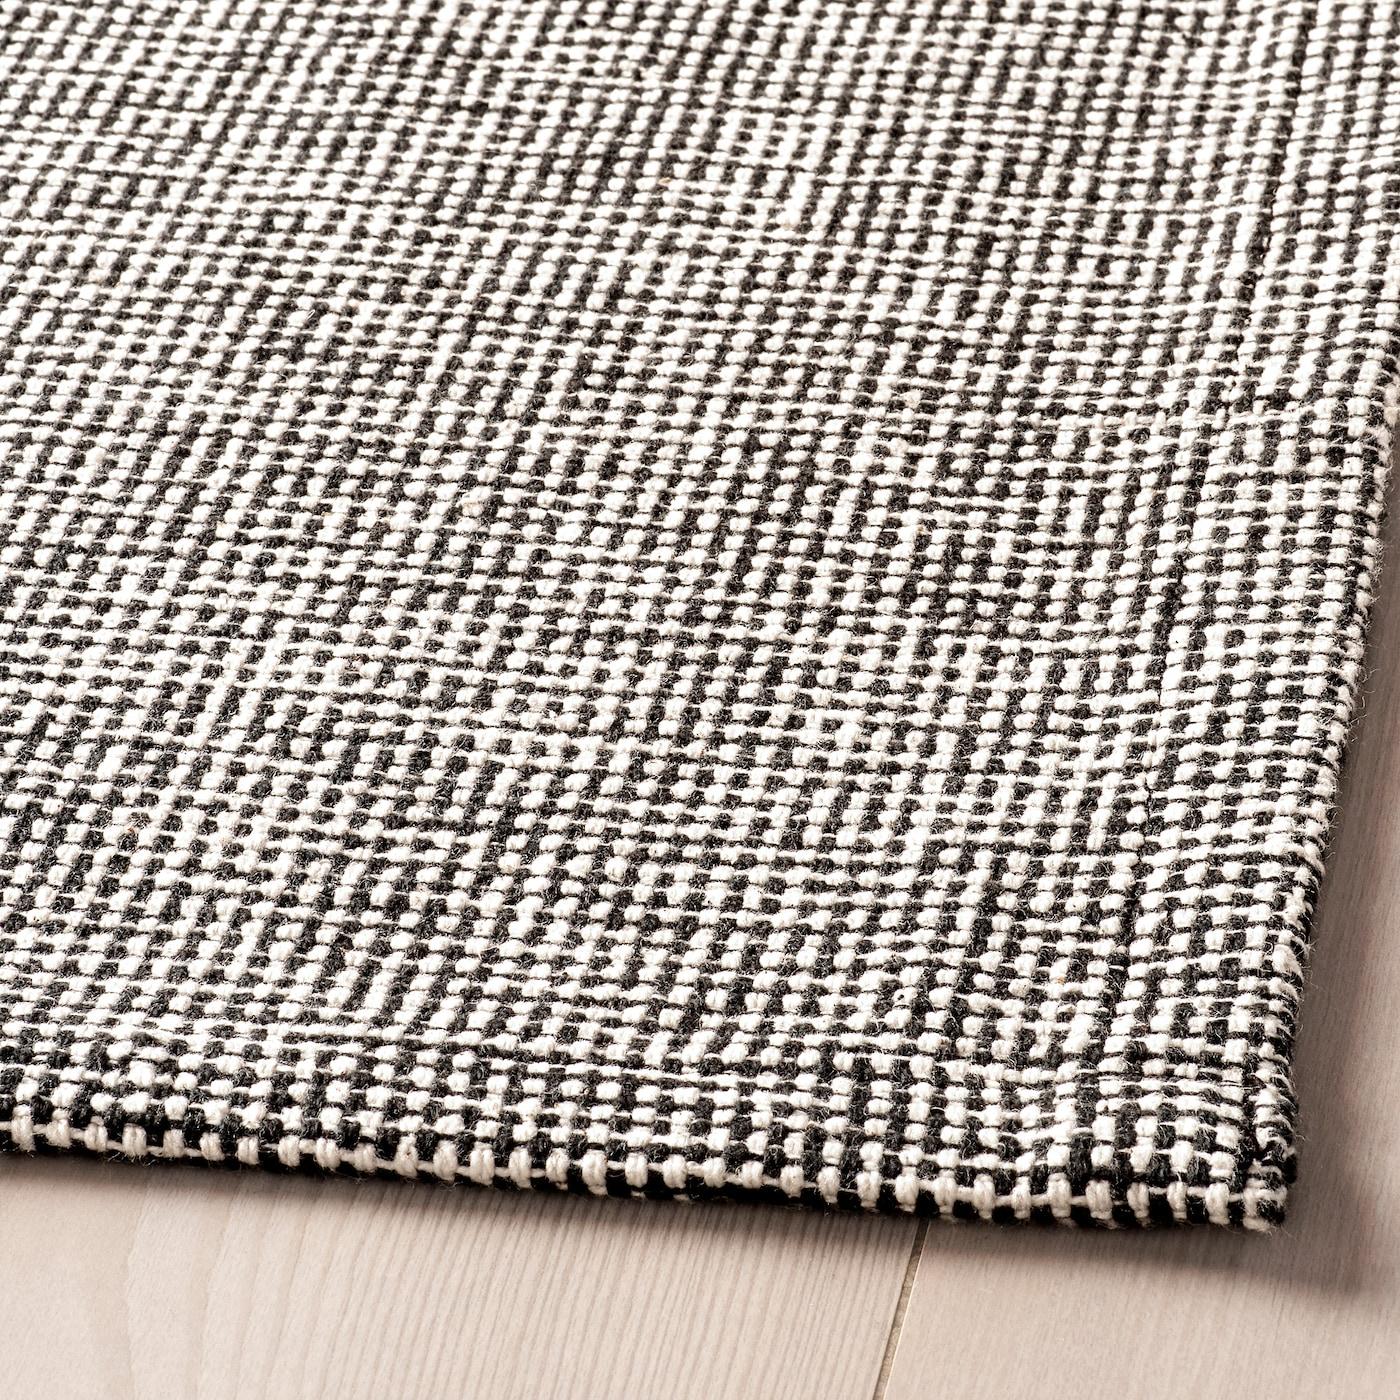 Rug Flatwoven Grey White Online Ikea